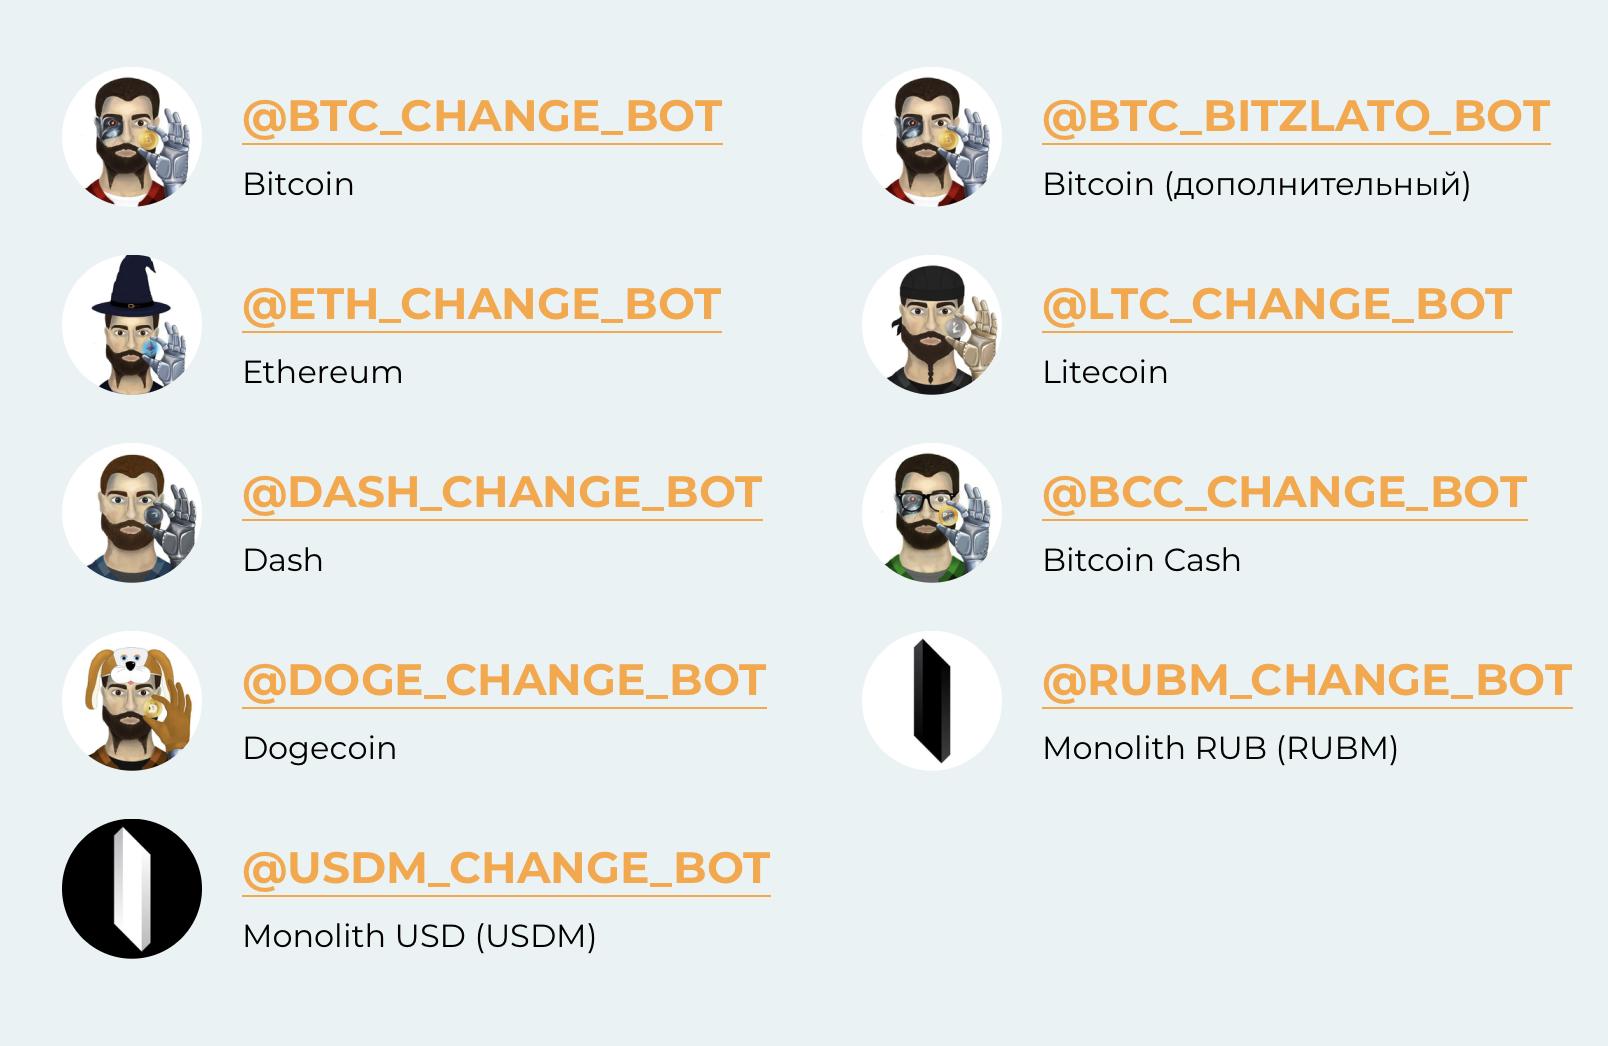 Trading Bots Bitzlato